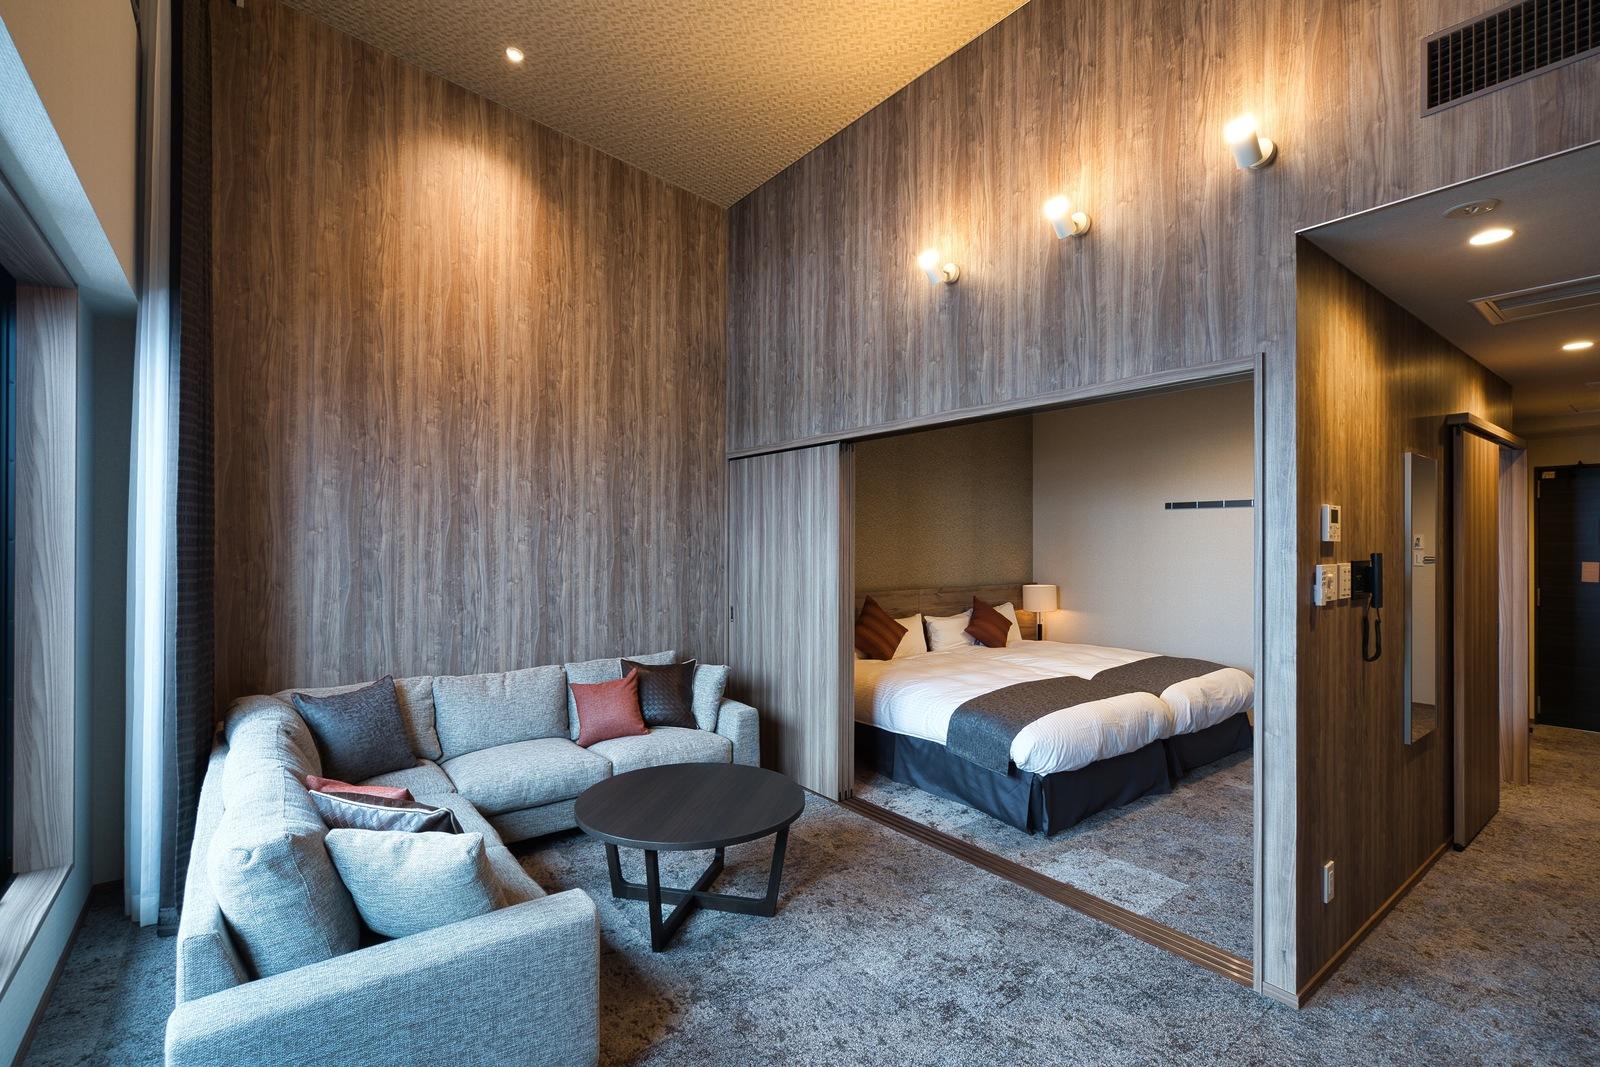 ワイナリーホテル&コンドミニアム一花 / 【素泊まり】33室のホテル&コンドミニアムでシンプルステイ<ワイナリーの宿>